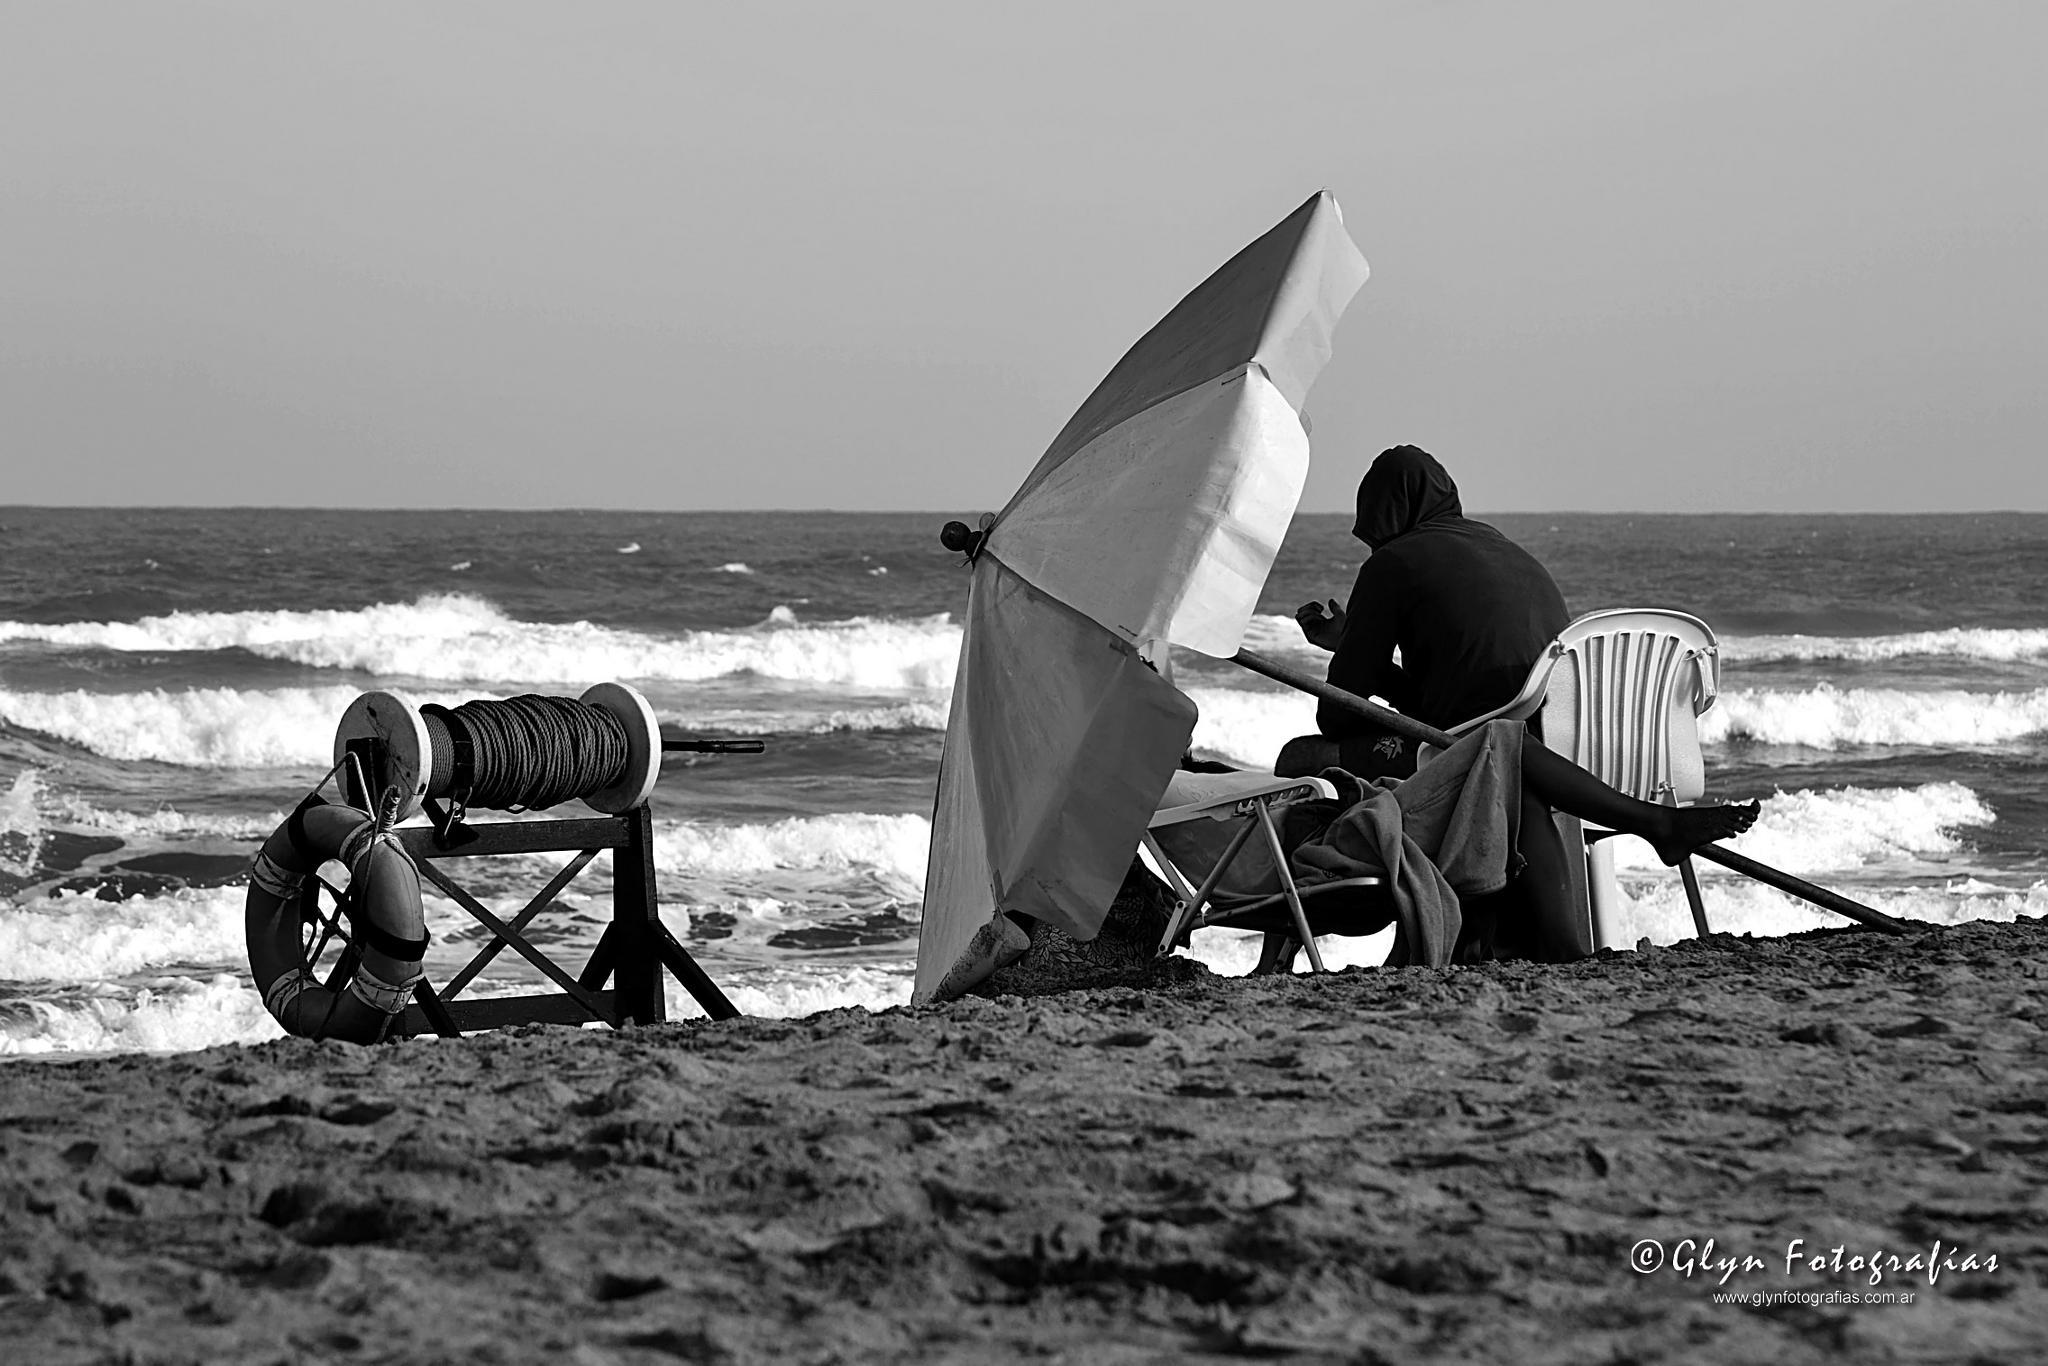 Un día tranquilo by GlynFotografias